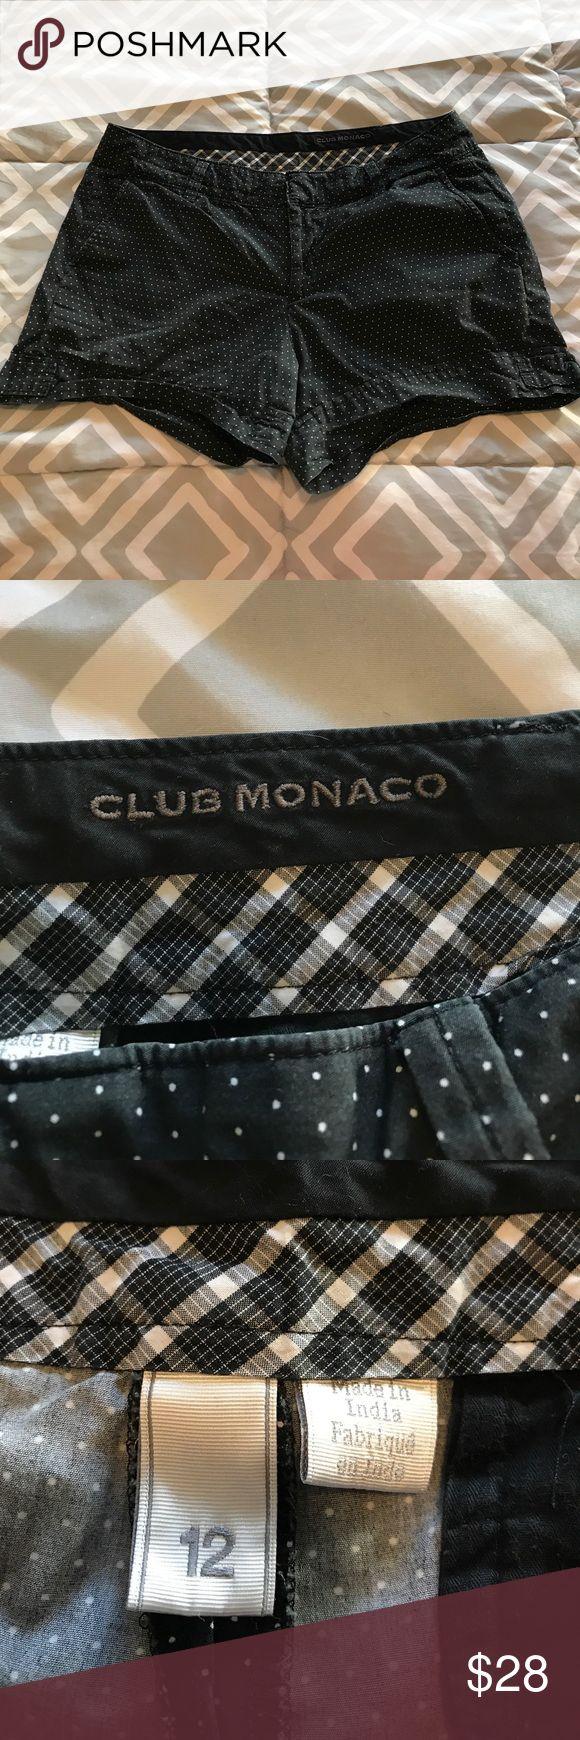 Club Monaco shorts Black with white polka dots, Club Monaco shorts.  Size 12, but runs small - more like an 8/10. EUC Club Monaco Shorts